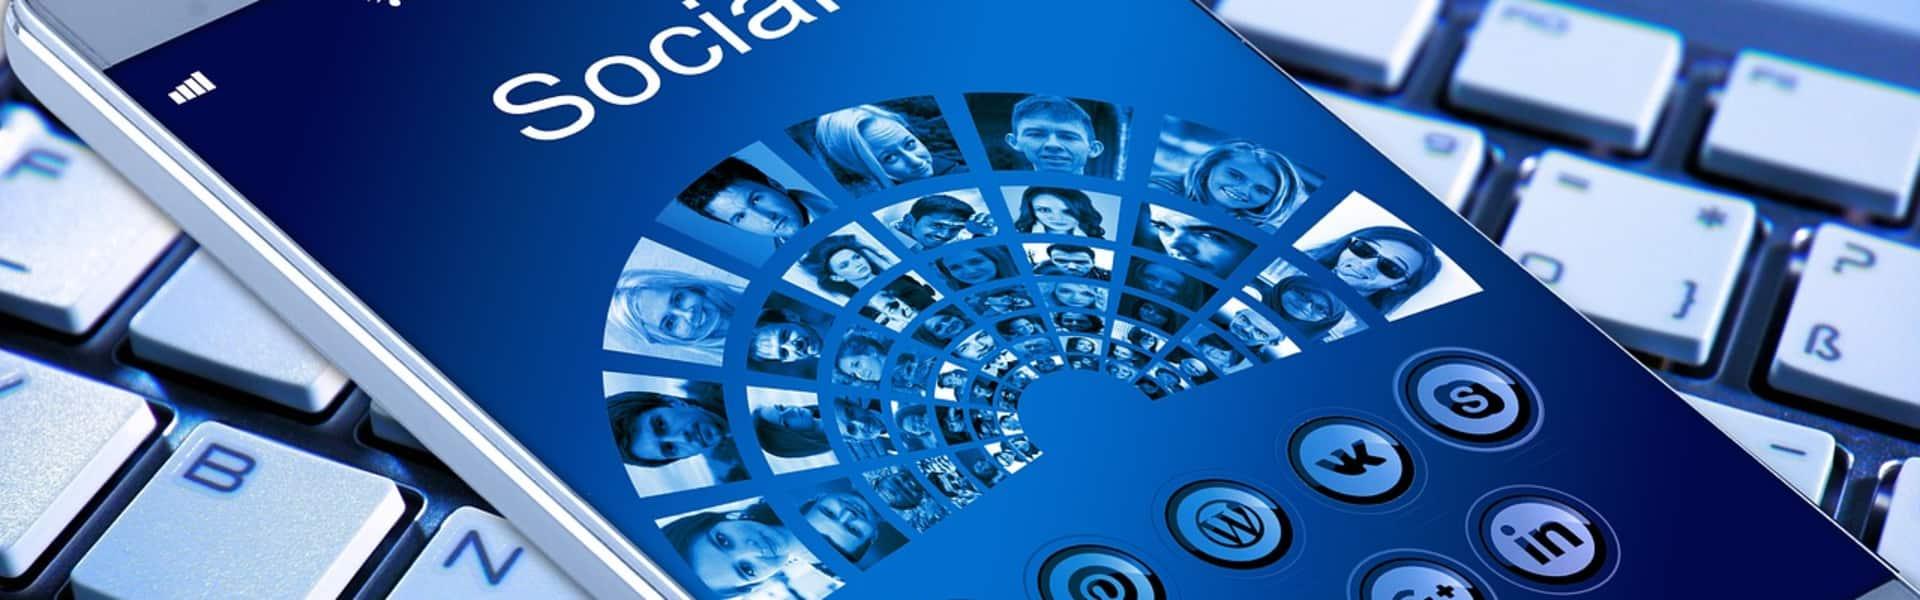 Guide pour réussir dans les réseaux sociaux